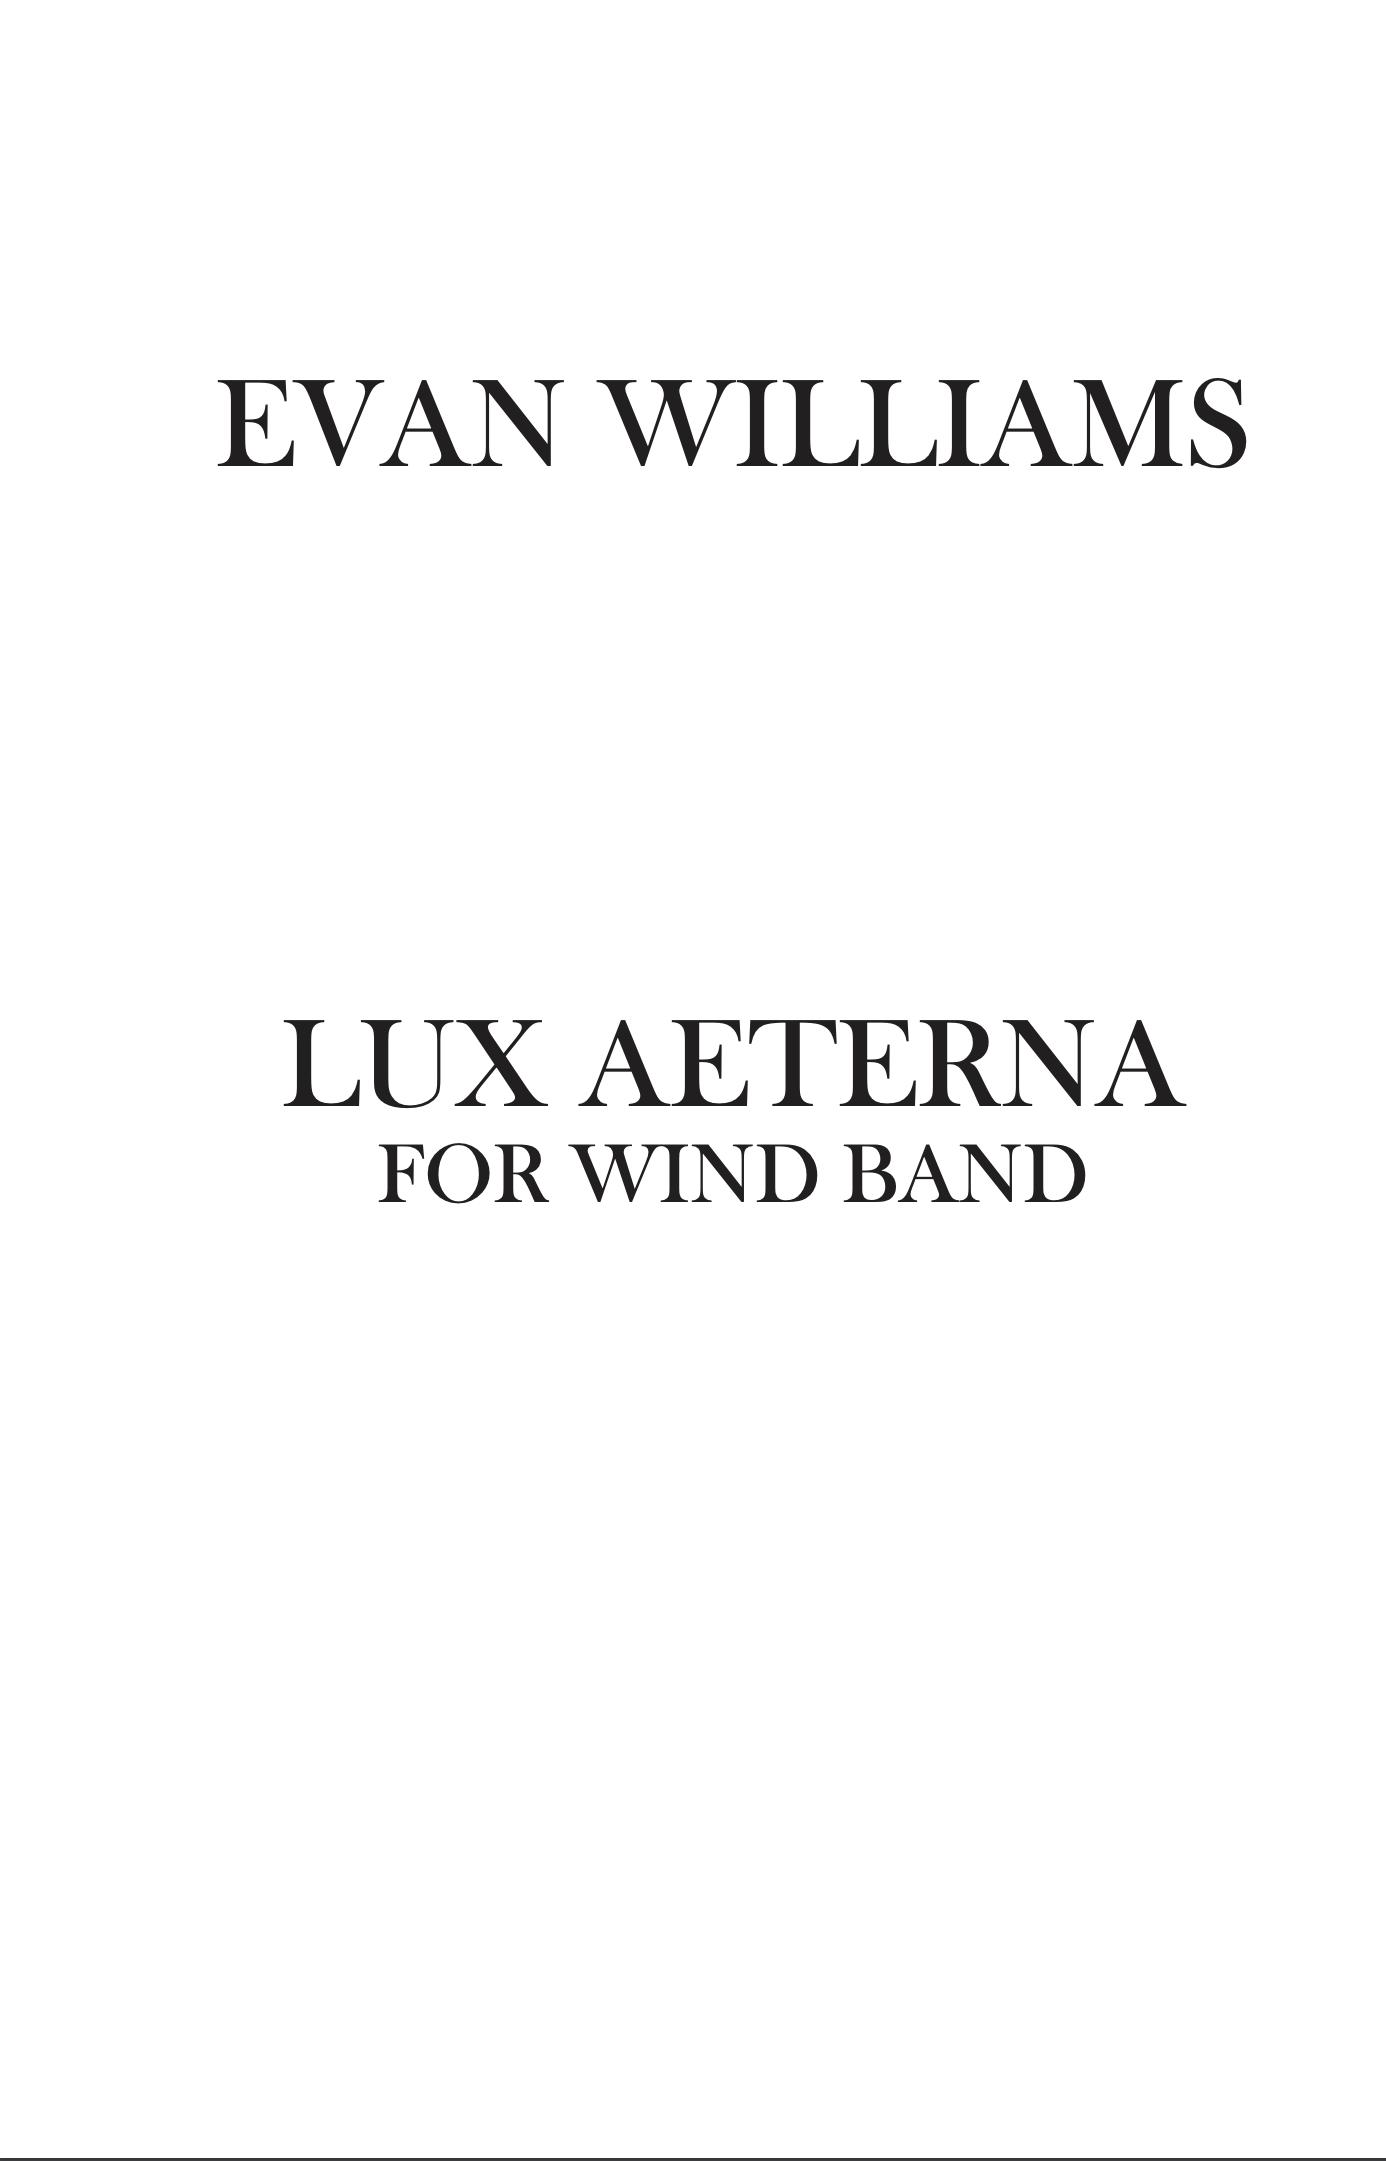 Lux Aeterna by Evan Williams